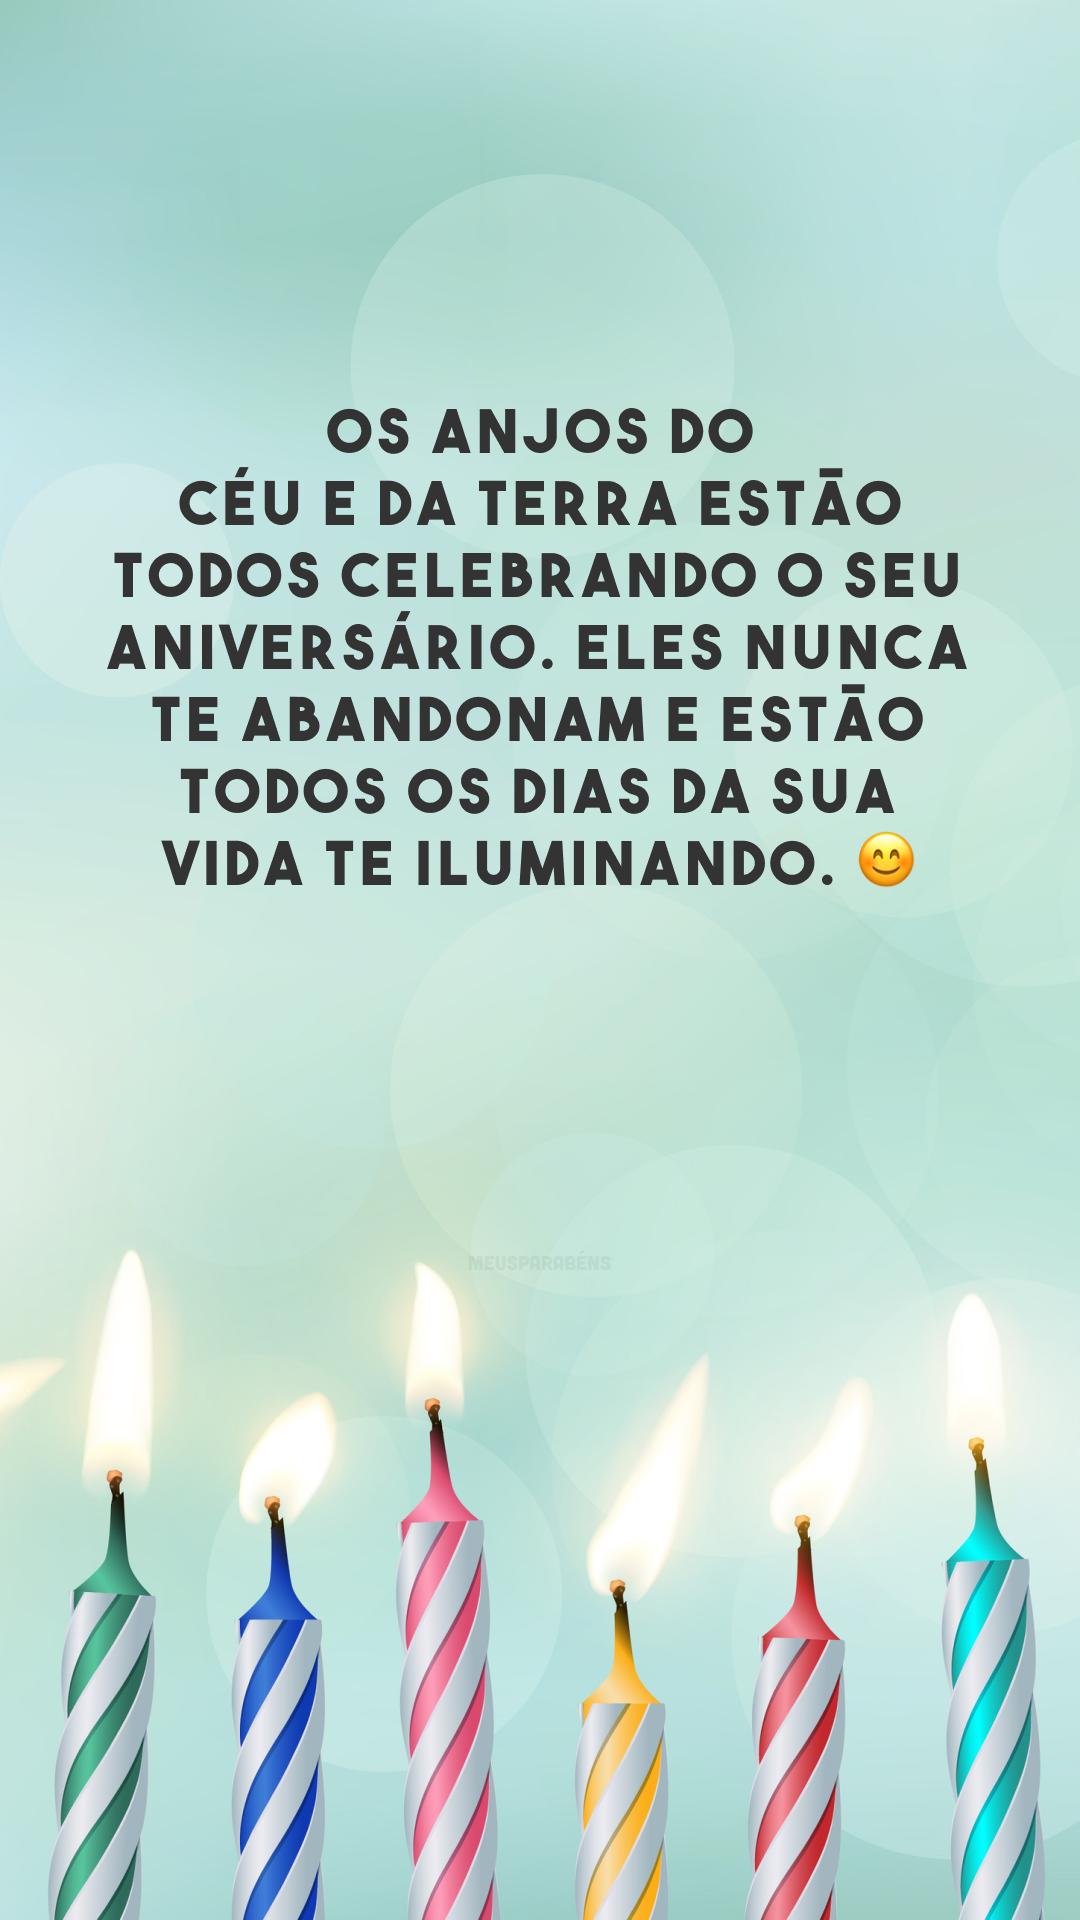 Os anjos do céu e da terra estão todos celebrando o seu aniversário. Eles nunca te abandonam e estão todos os dias da sua vida te iluminando. 😊